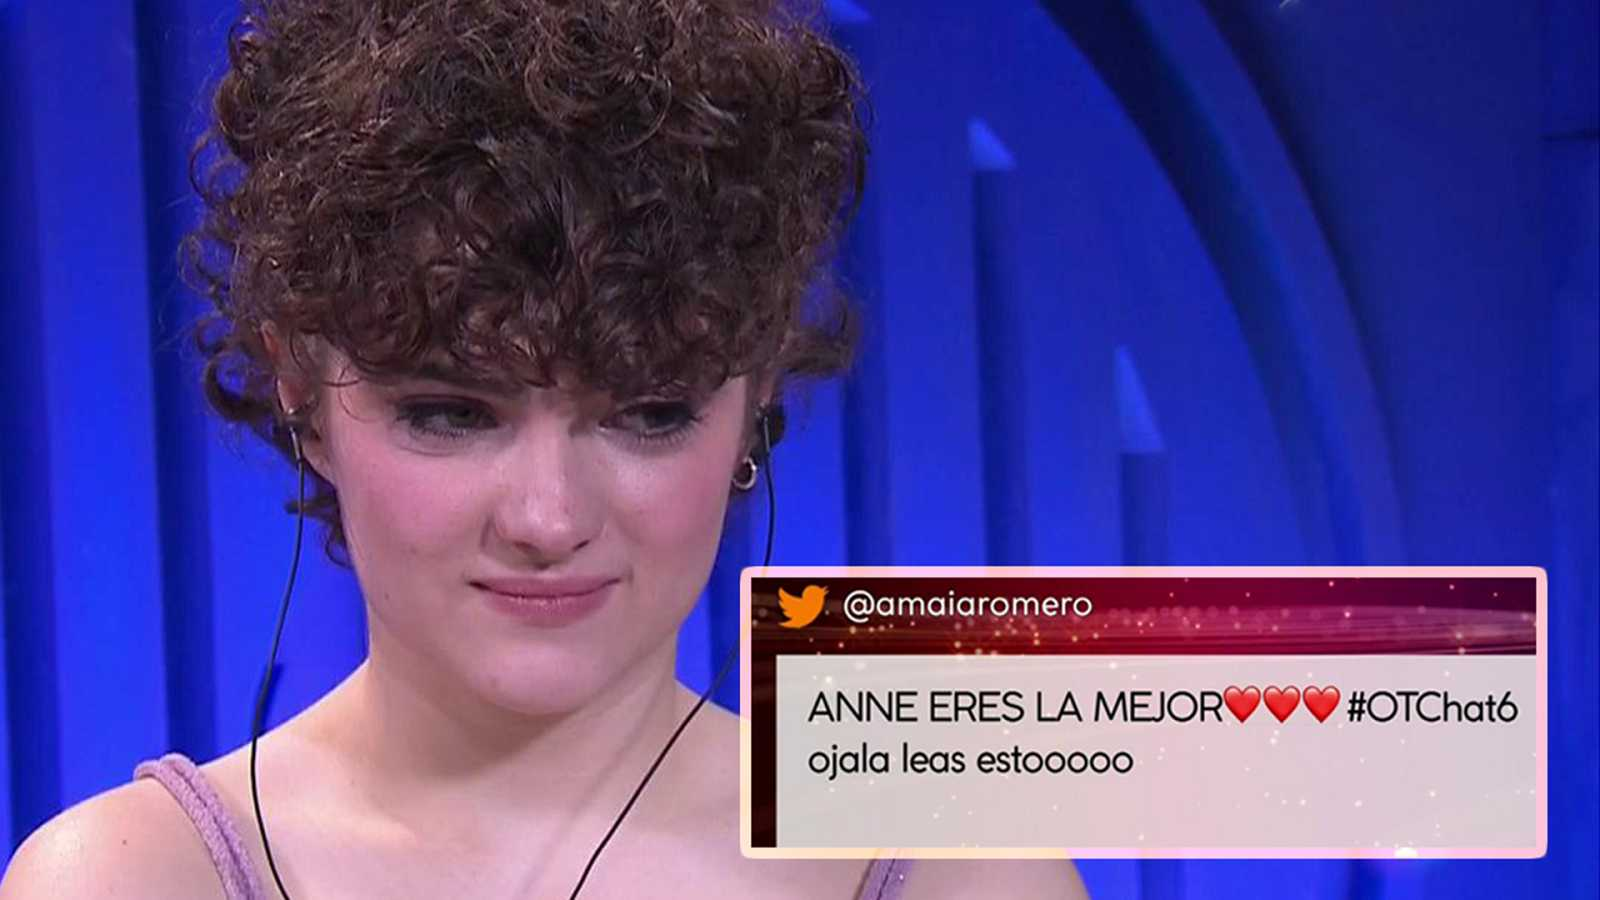 Anne recibe el apoyo de Amaia Romero y Gèrard en El Chat